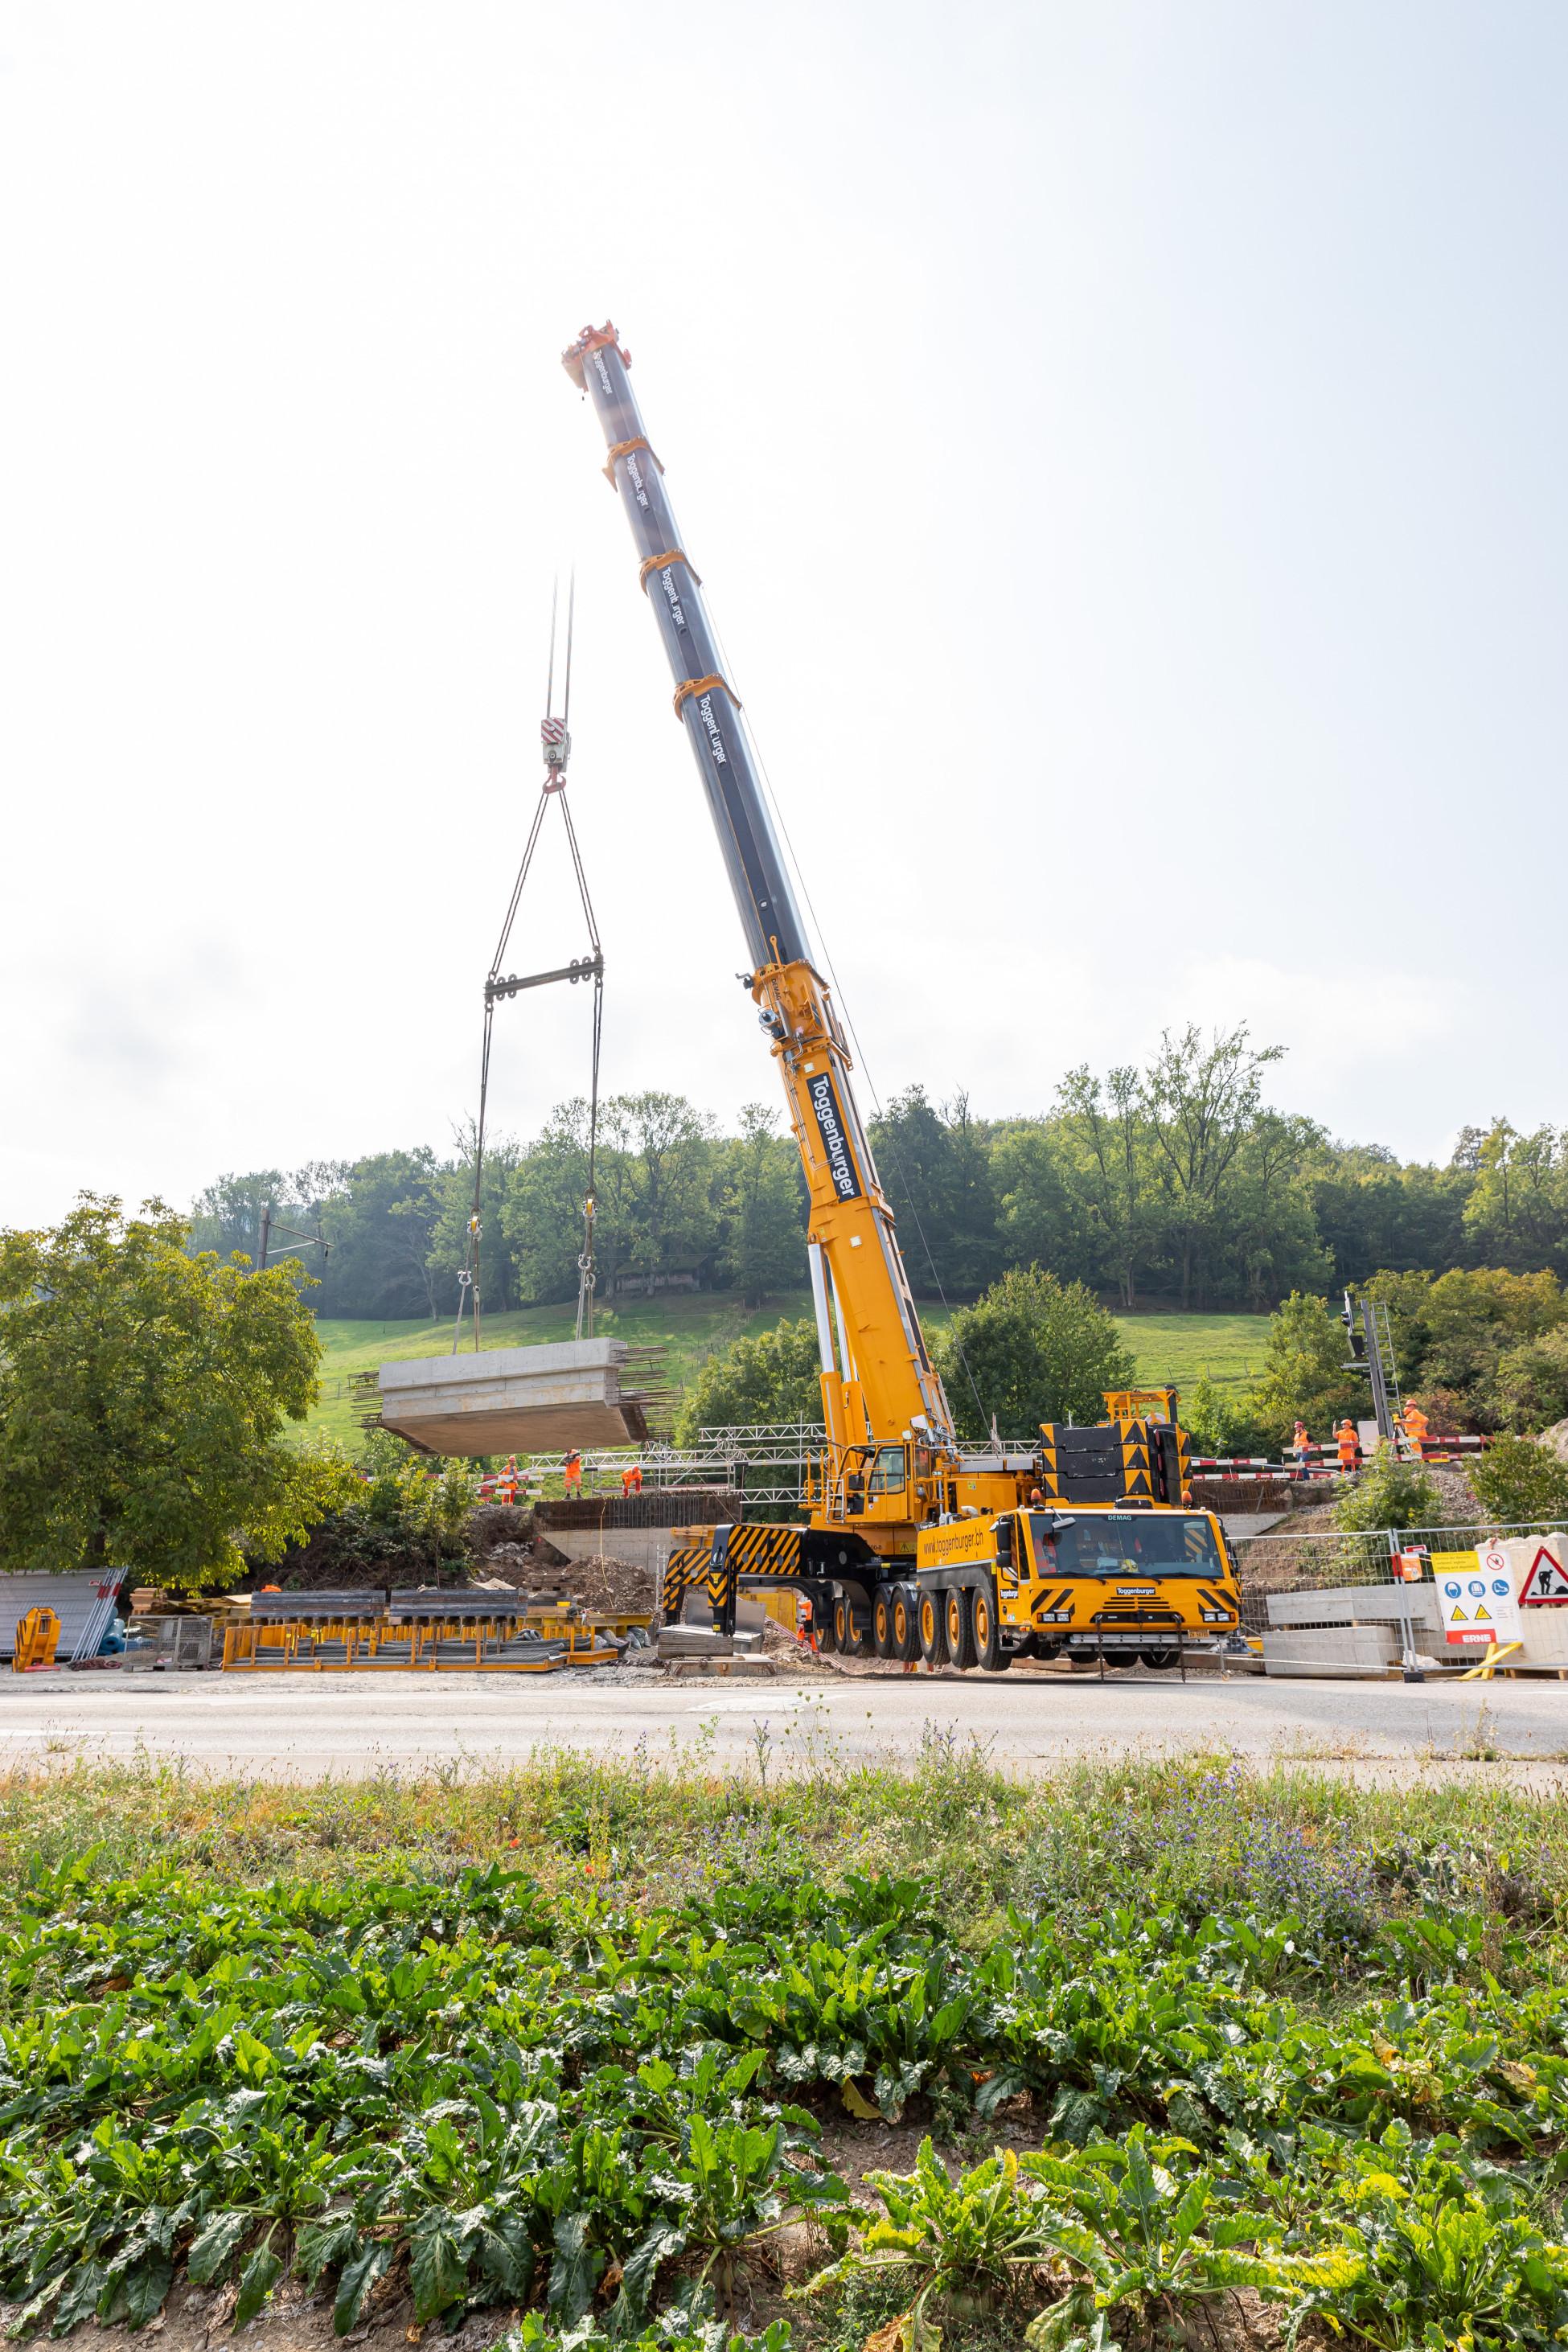 Laufenburg SBB Ersatzbruecke U1 85 Tonnen schwere Betonbrückenplatte schwebt über der Baustelle